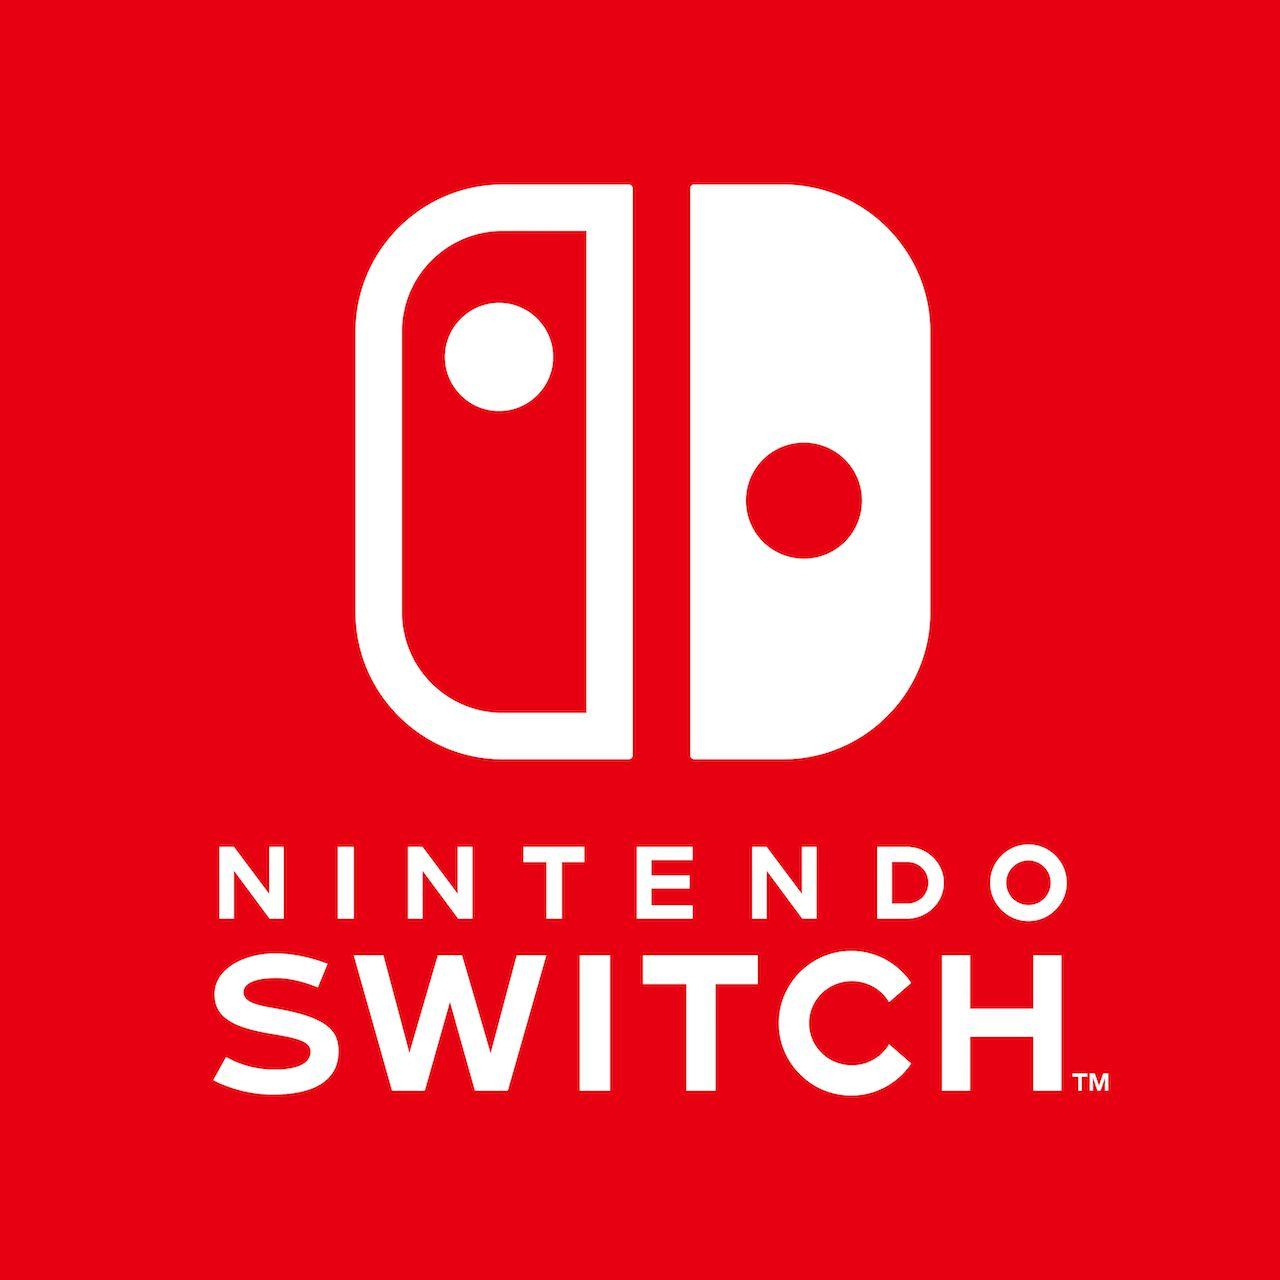 be8b3ec2e8 Notizie su Nintendo Switch - Everyeye.it